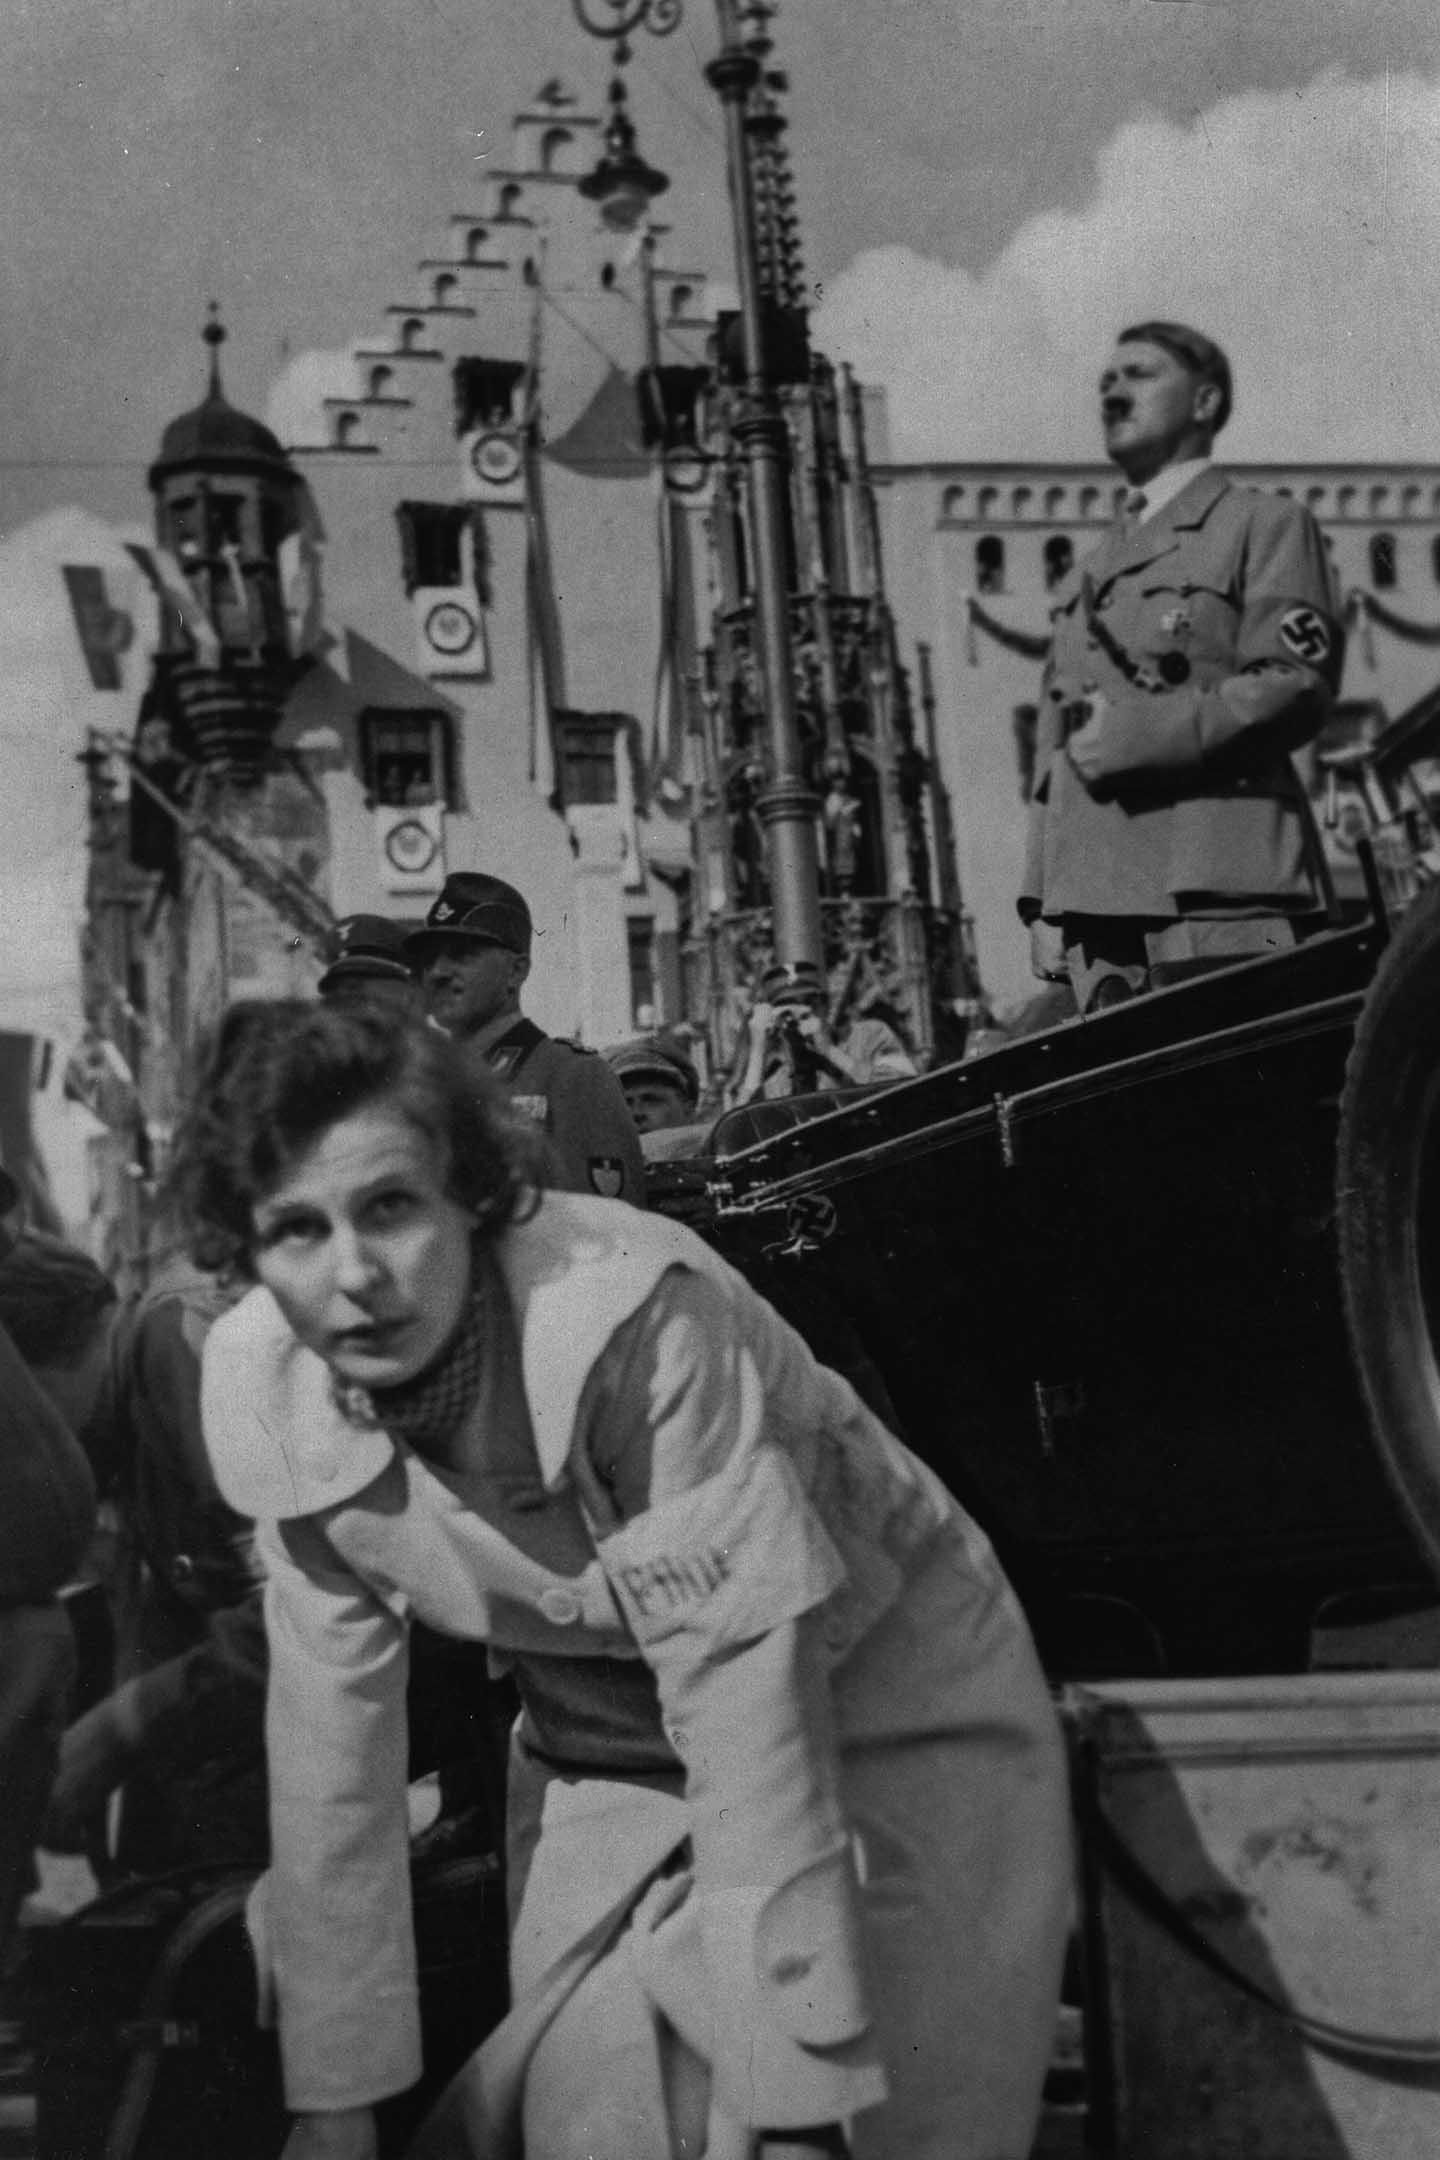 1934年德國紐倫堡,希特勒在集會的講台上,萊尼·瑞芬斯坦為電影《意志的勝利》拍攝。